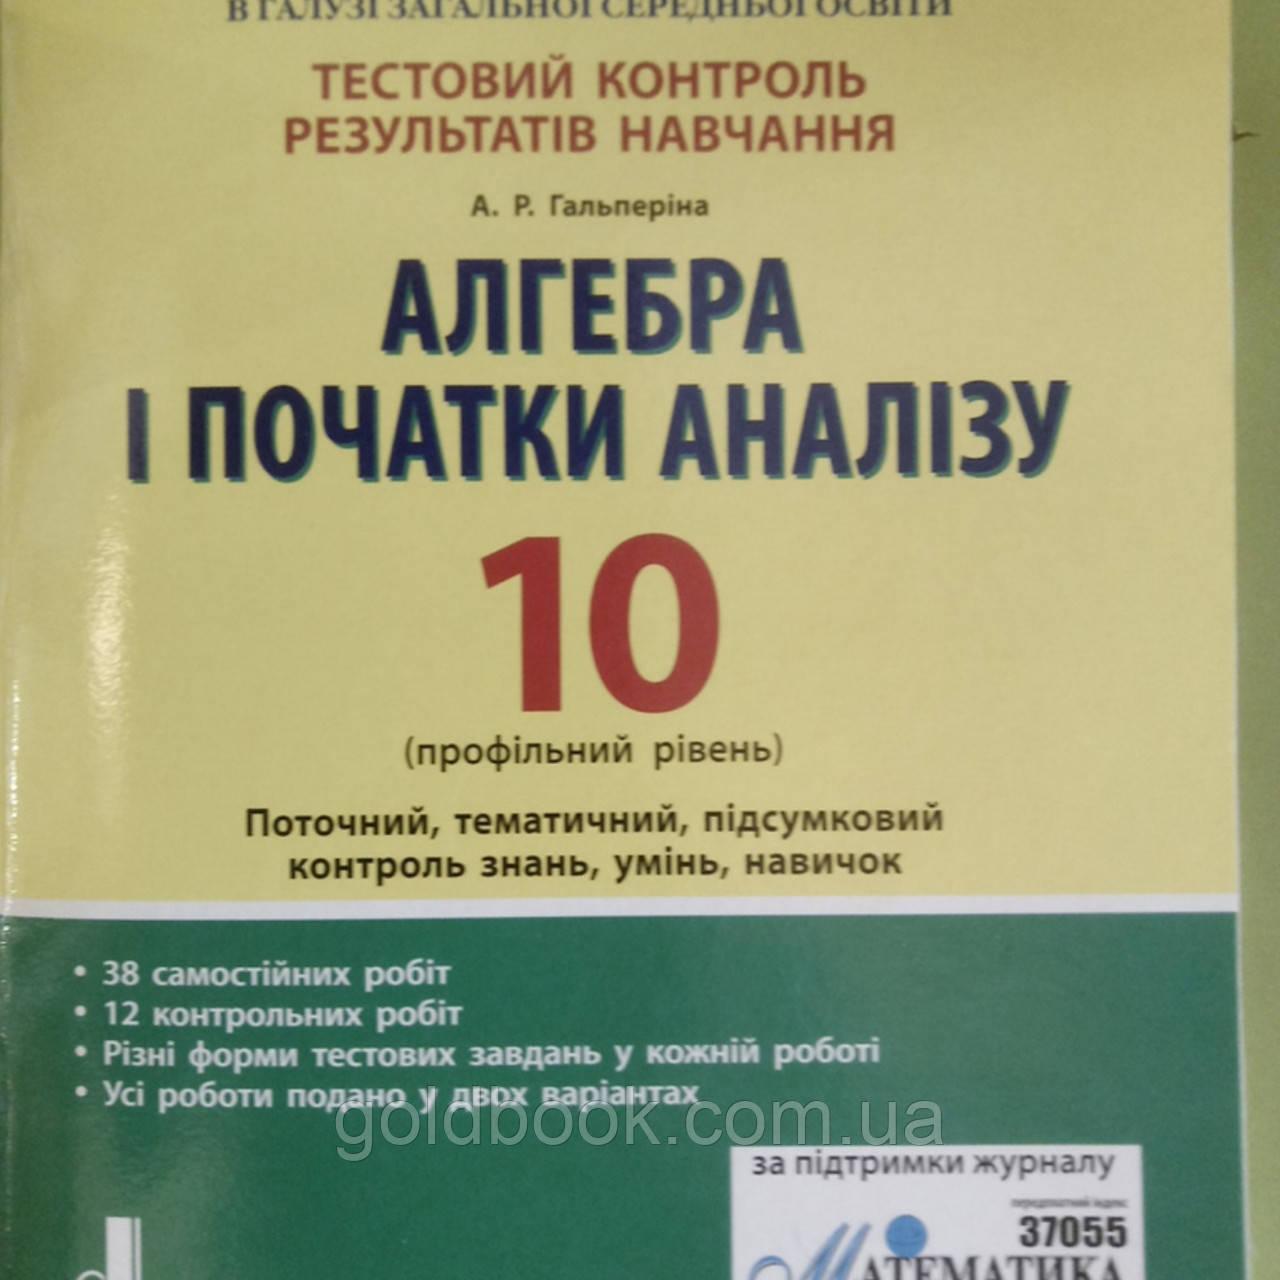 Алгебра і початки аналізу 10 клас, тестовий контроль результатів навчання (профільний рівень)